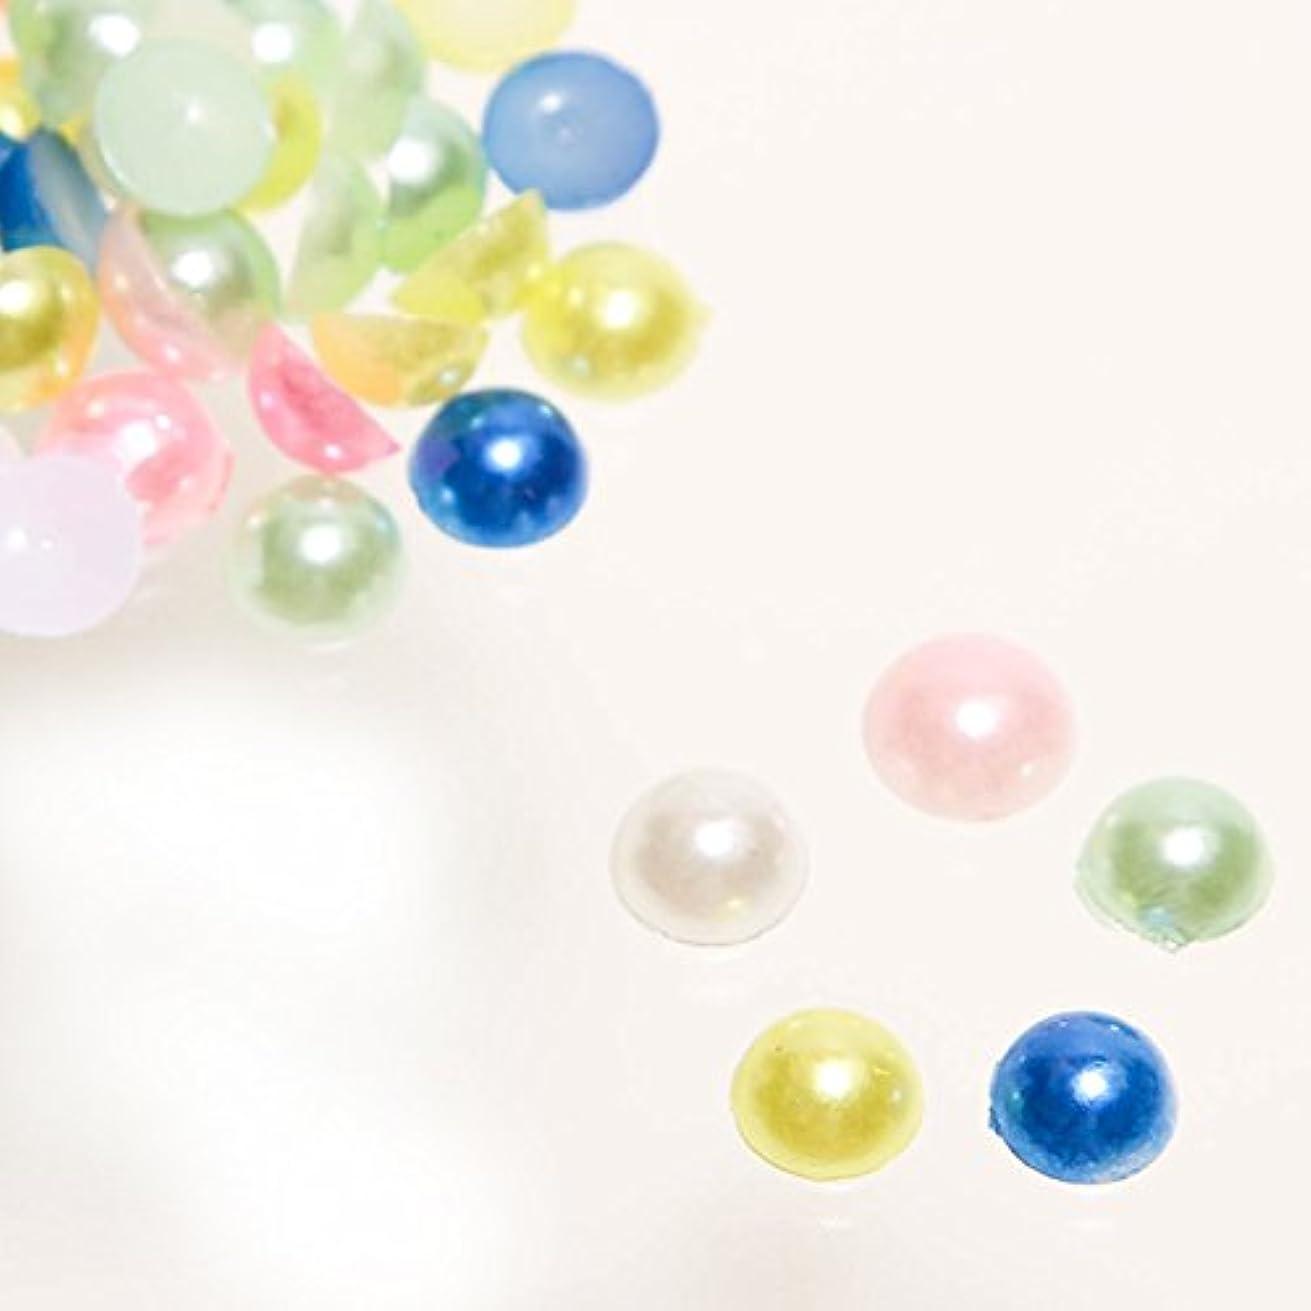 スラムステージ仲人パール 全色ミックス マルポコ パールストーン 半球 (サイズ選択可能)【ラインストーン77】 (6mm(200粒))